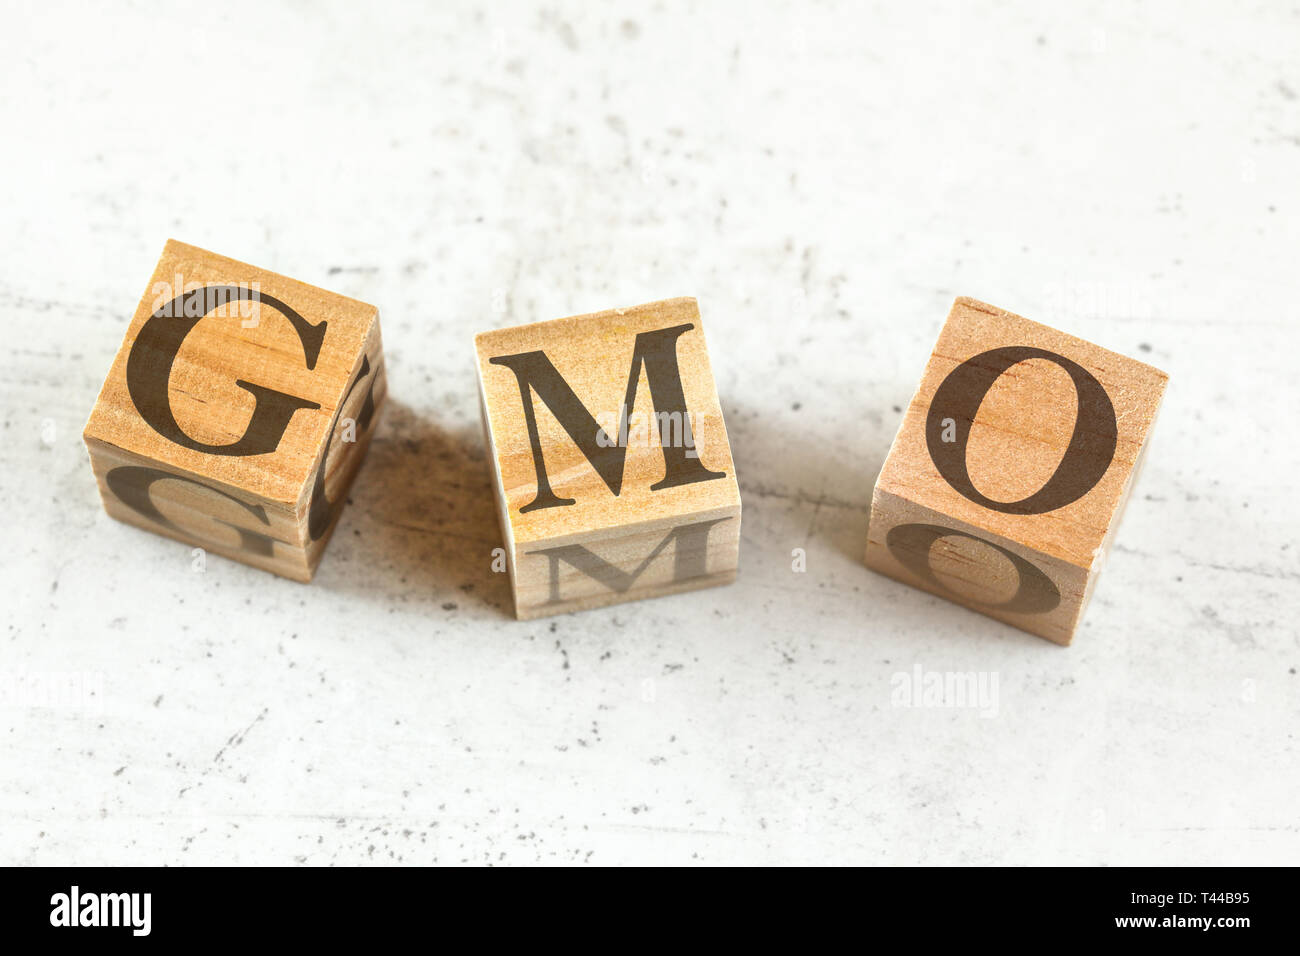 Trois cubes en bois avec des lettres pour les OGM organisme génétiquement modifié sur un tableau blanc. Photo Stock